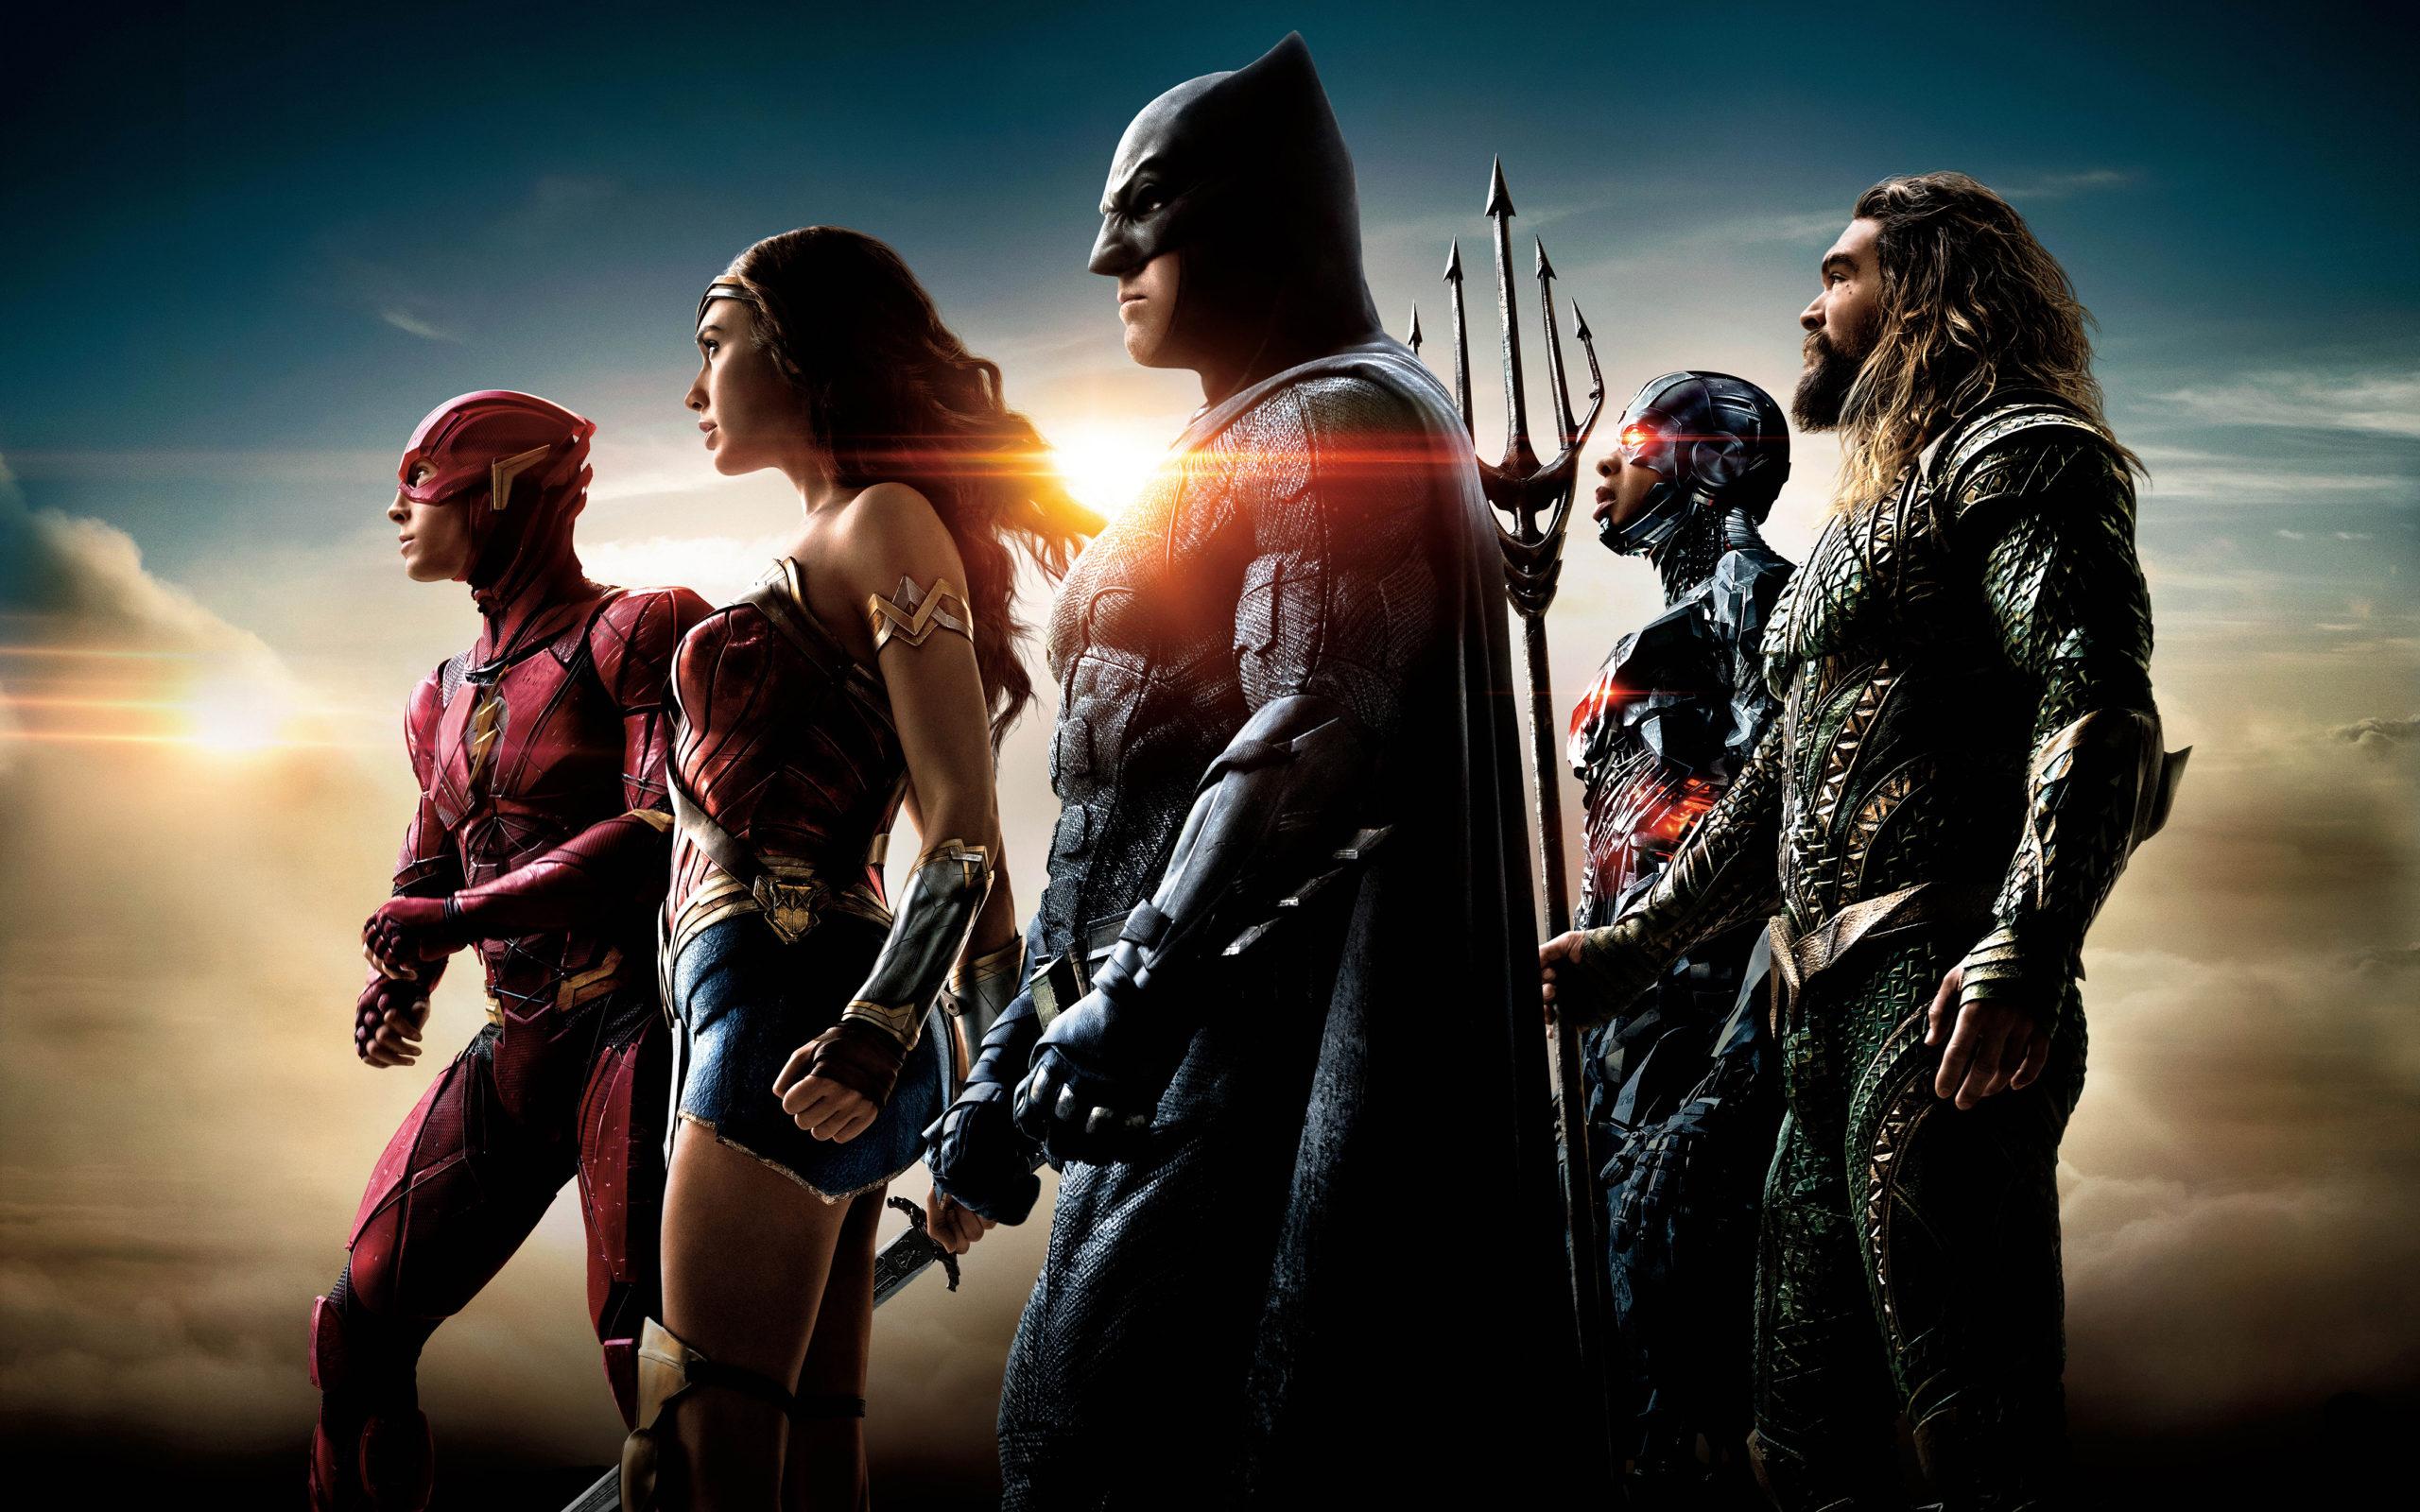 ¡Zack Snyder lanzará Snyder Cut de Justice League en HBO Max!